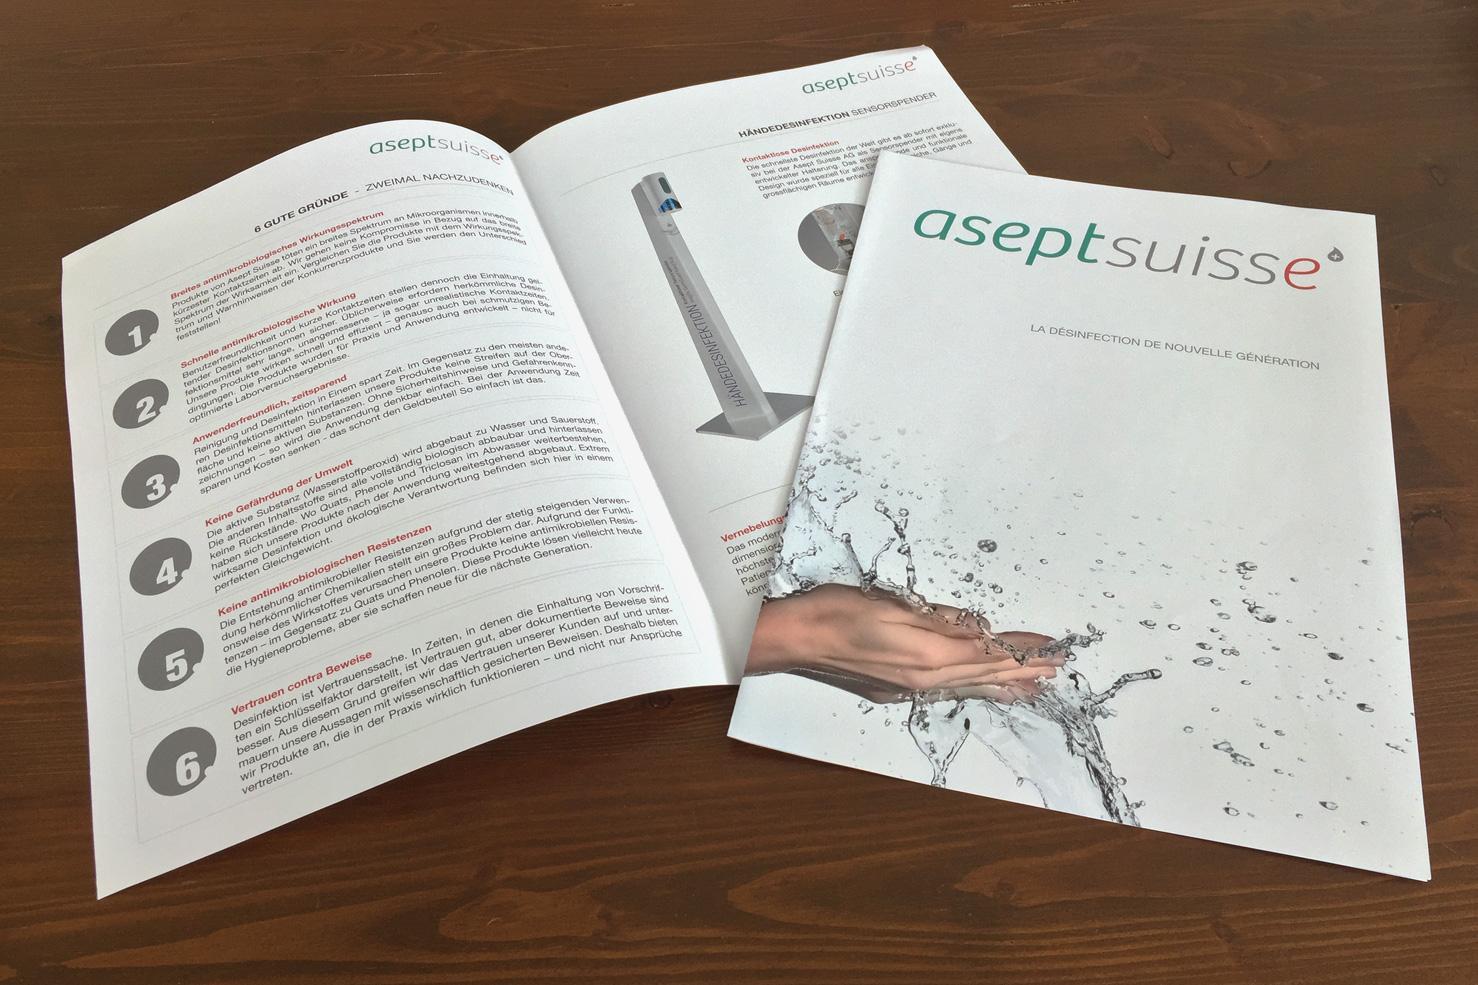 Bild 1 vom Asept Suisse AG Grafikdesign